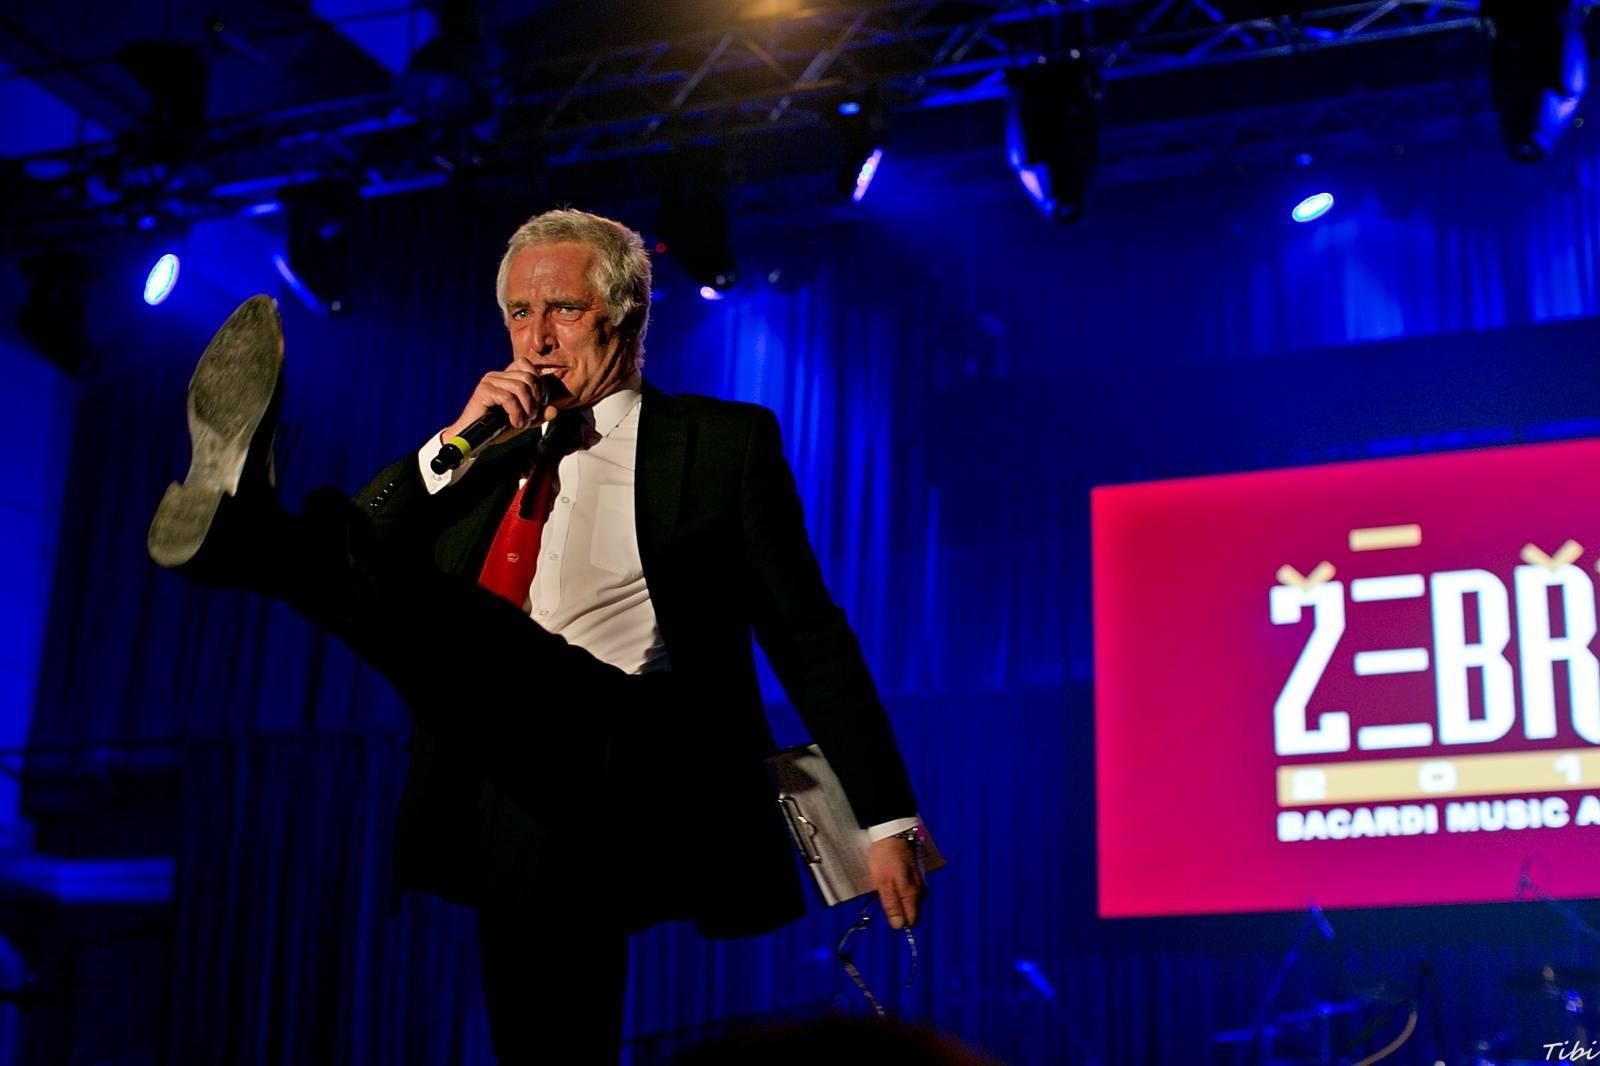 Hudební ceny Žebřík startují, výsledky vyhlásí Tomáš Hanák a Barbora Poláková 11. března v Plzni